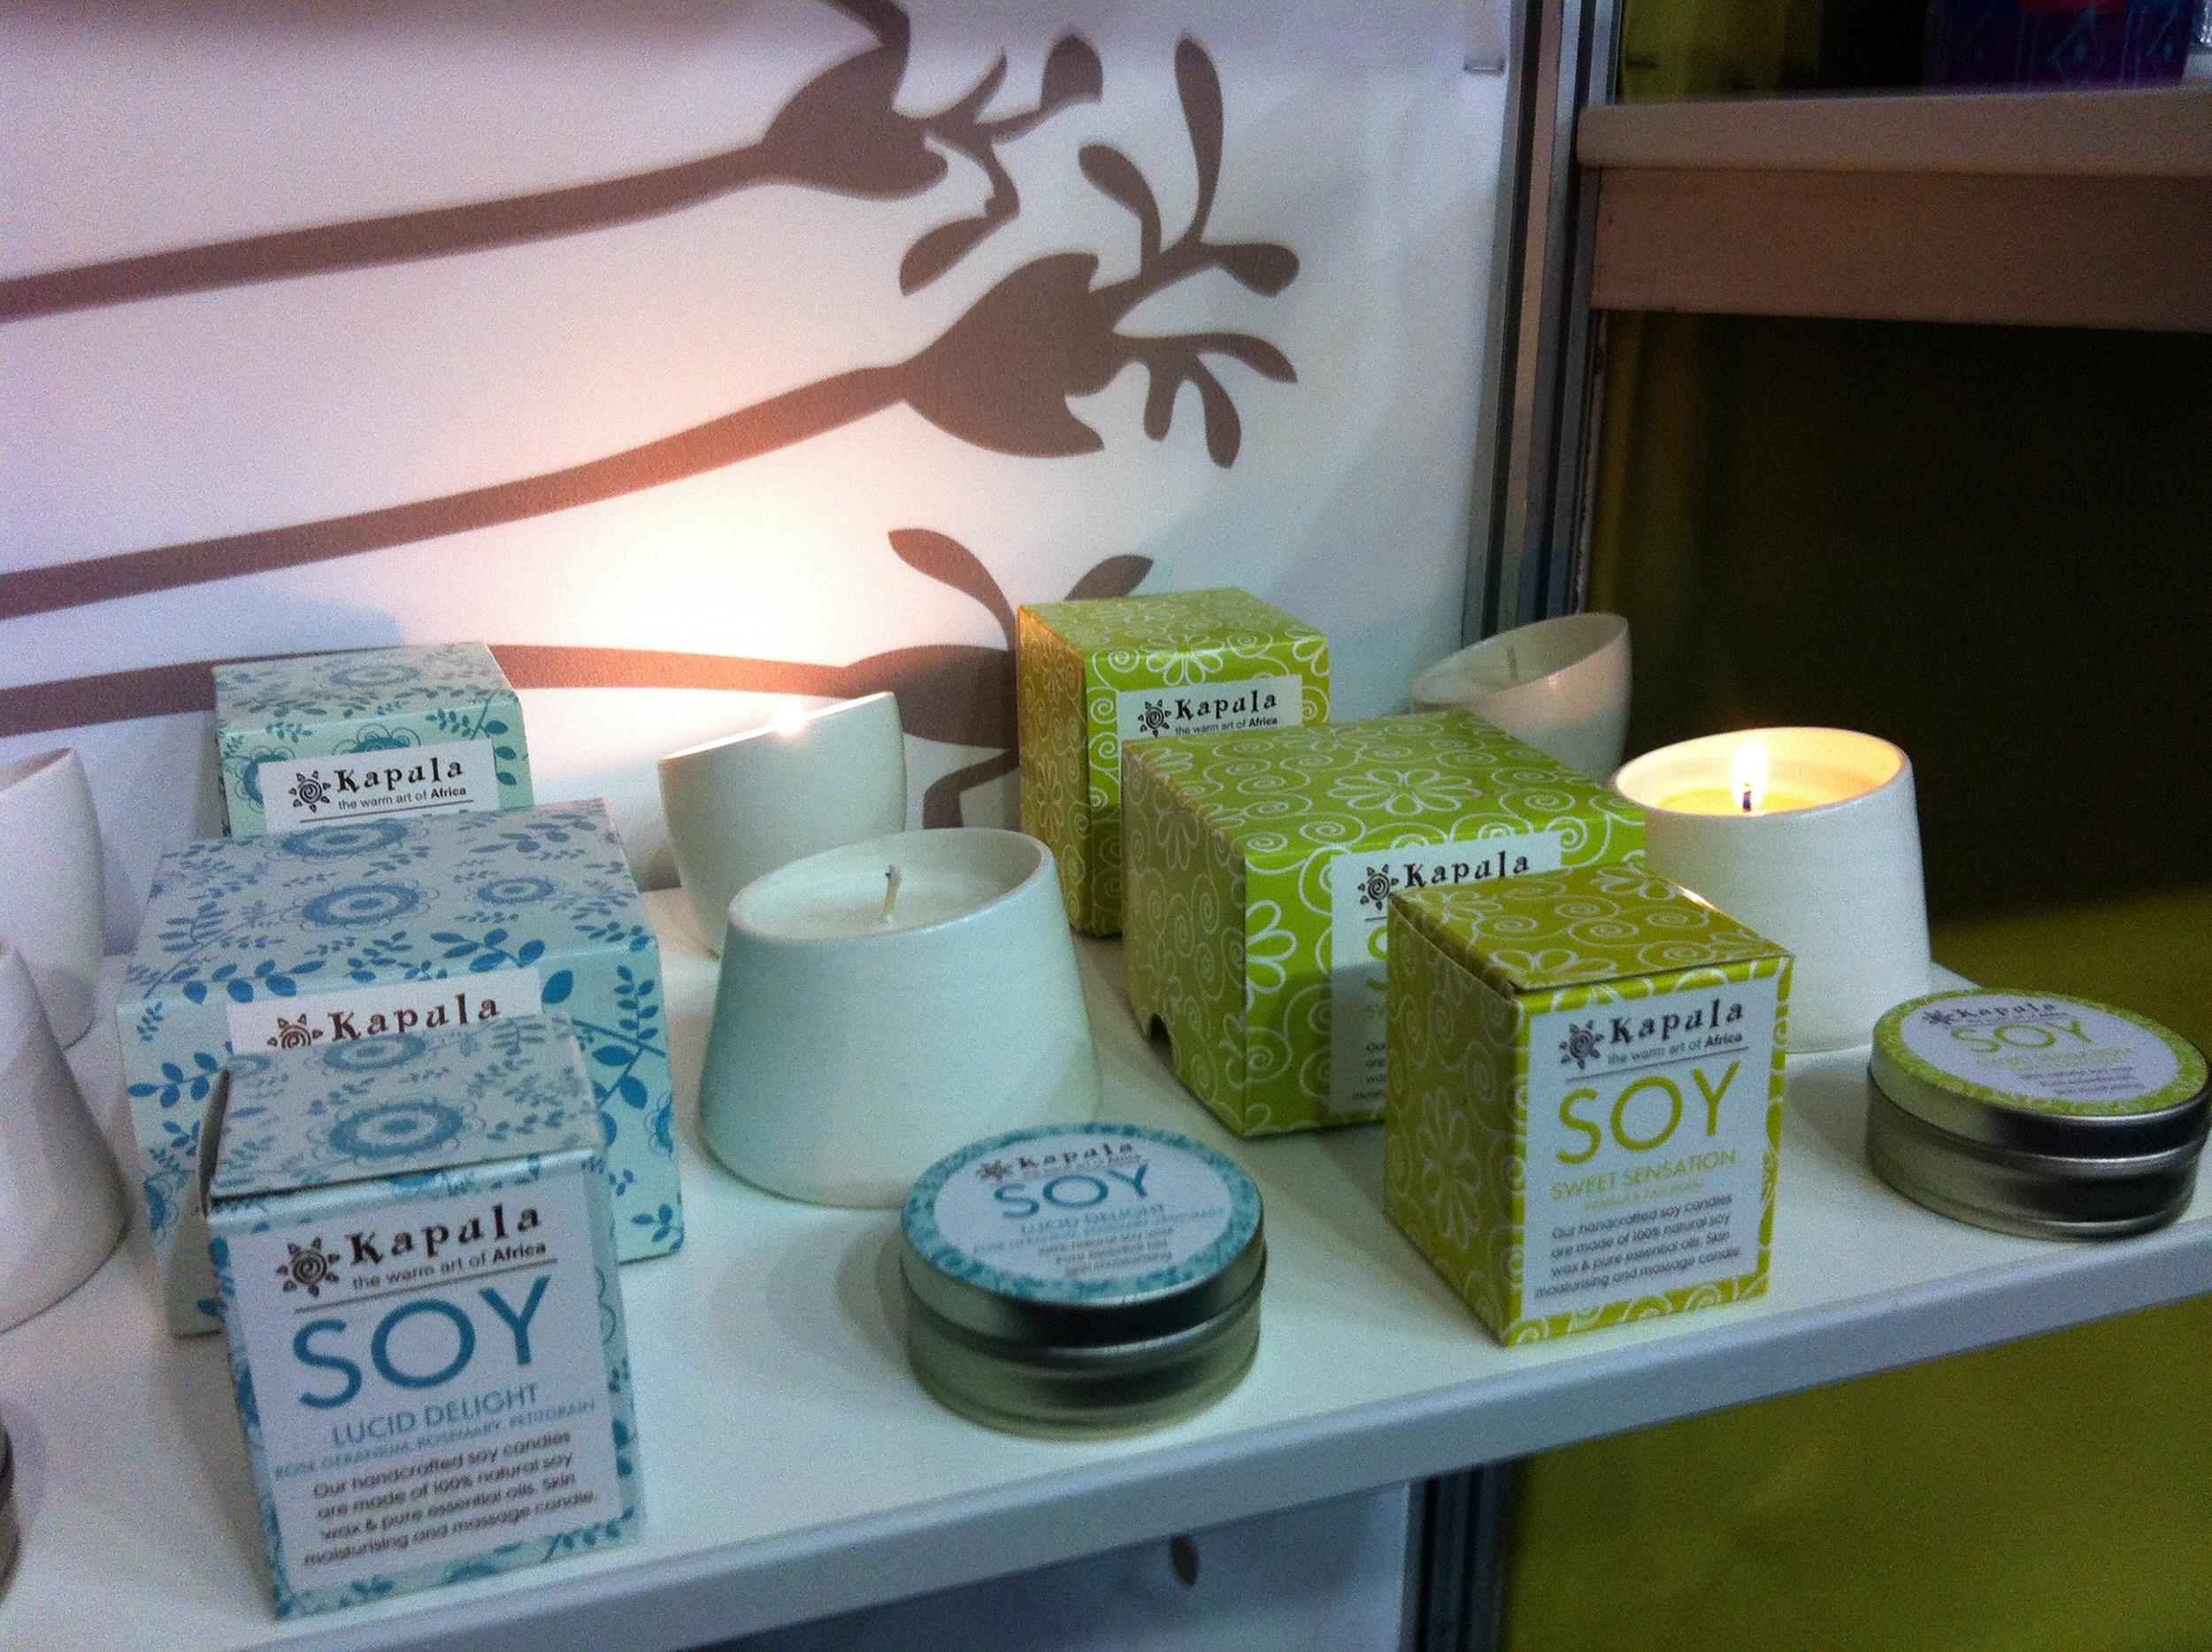 kapula-handmade-soy-candles-packaging-range.jpg